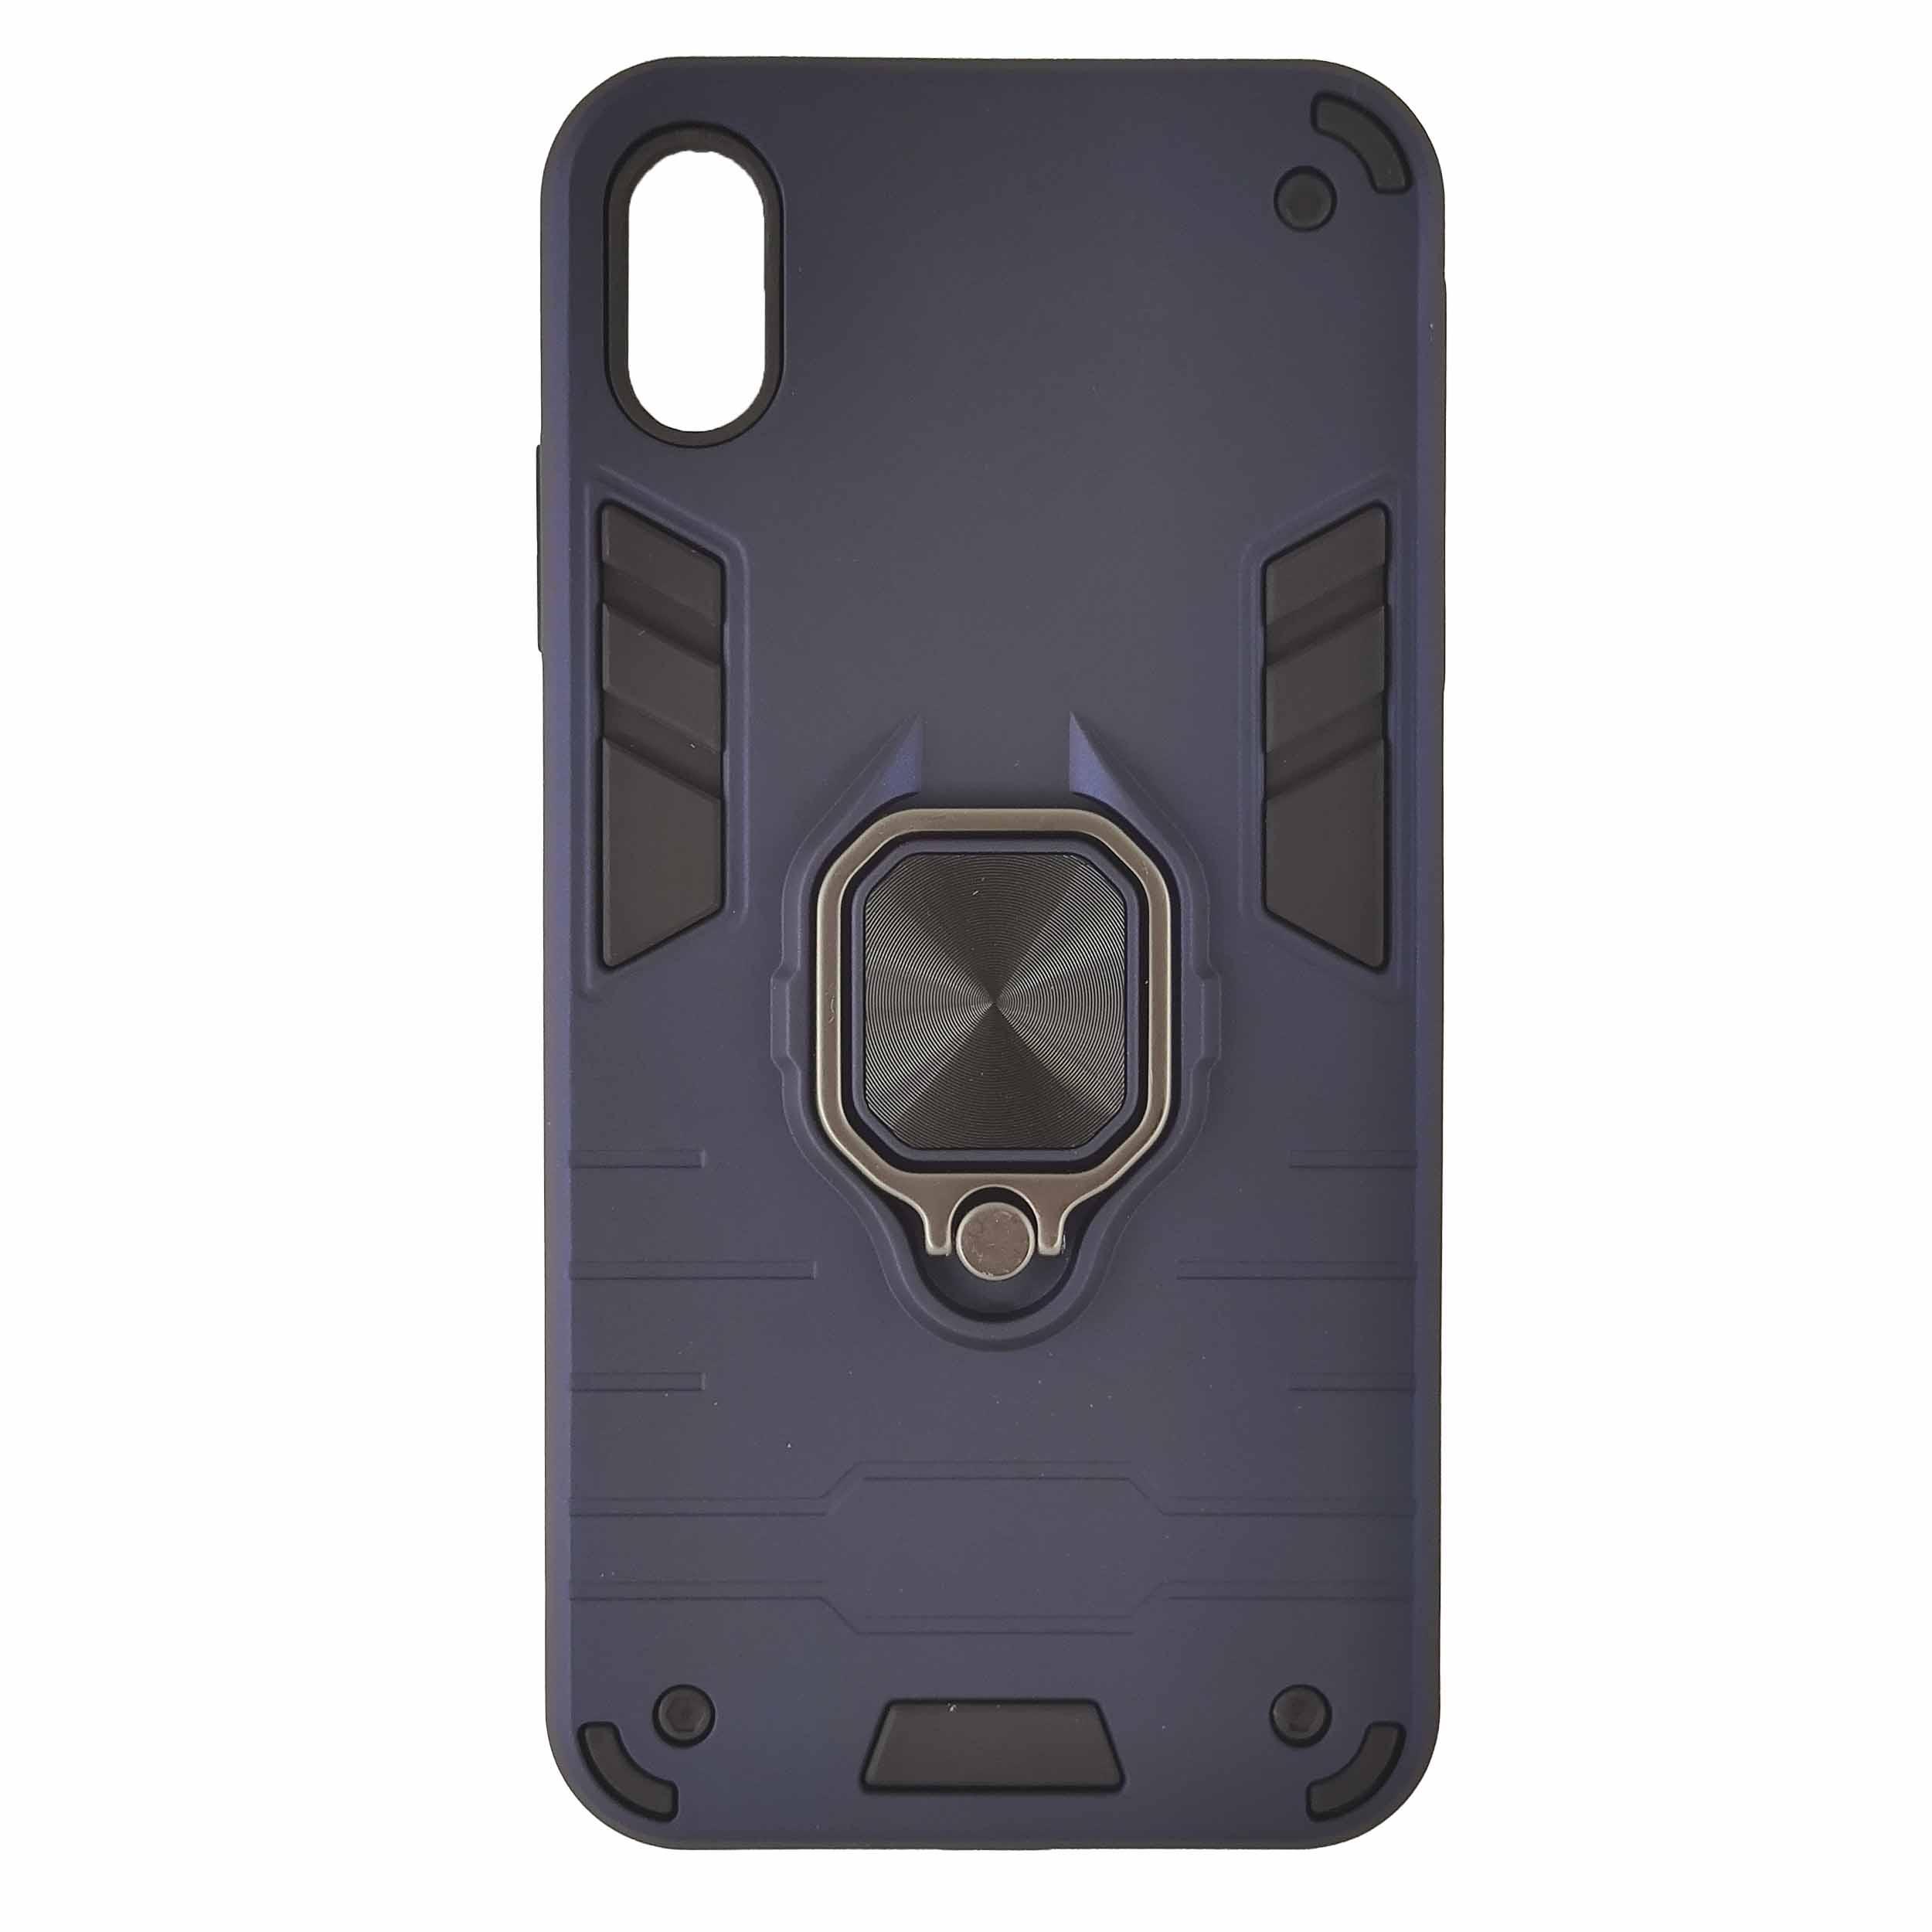 کاور مدل BTM مناسب برای گوشی موبایل اپل Iphone Xs Max